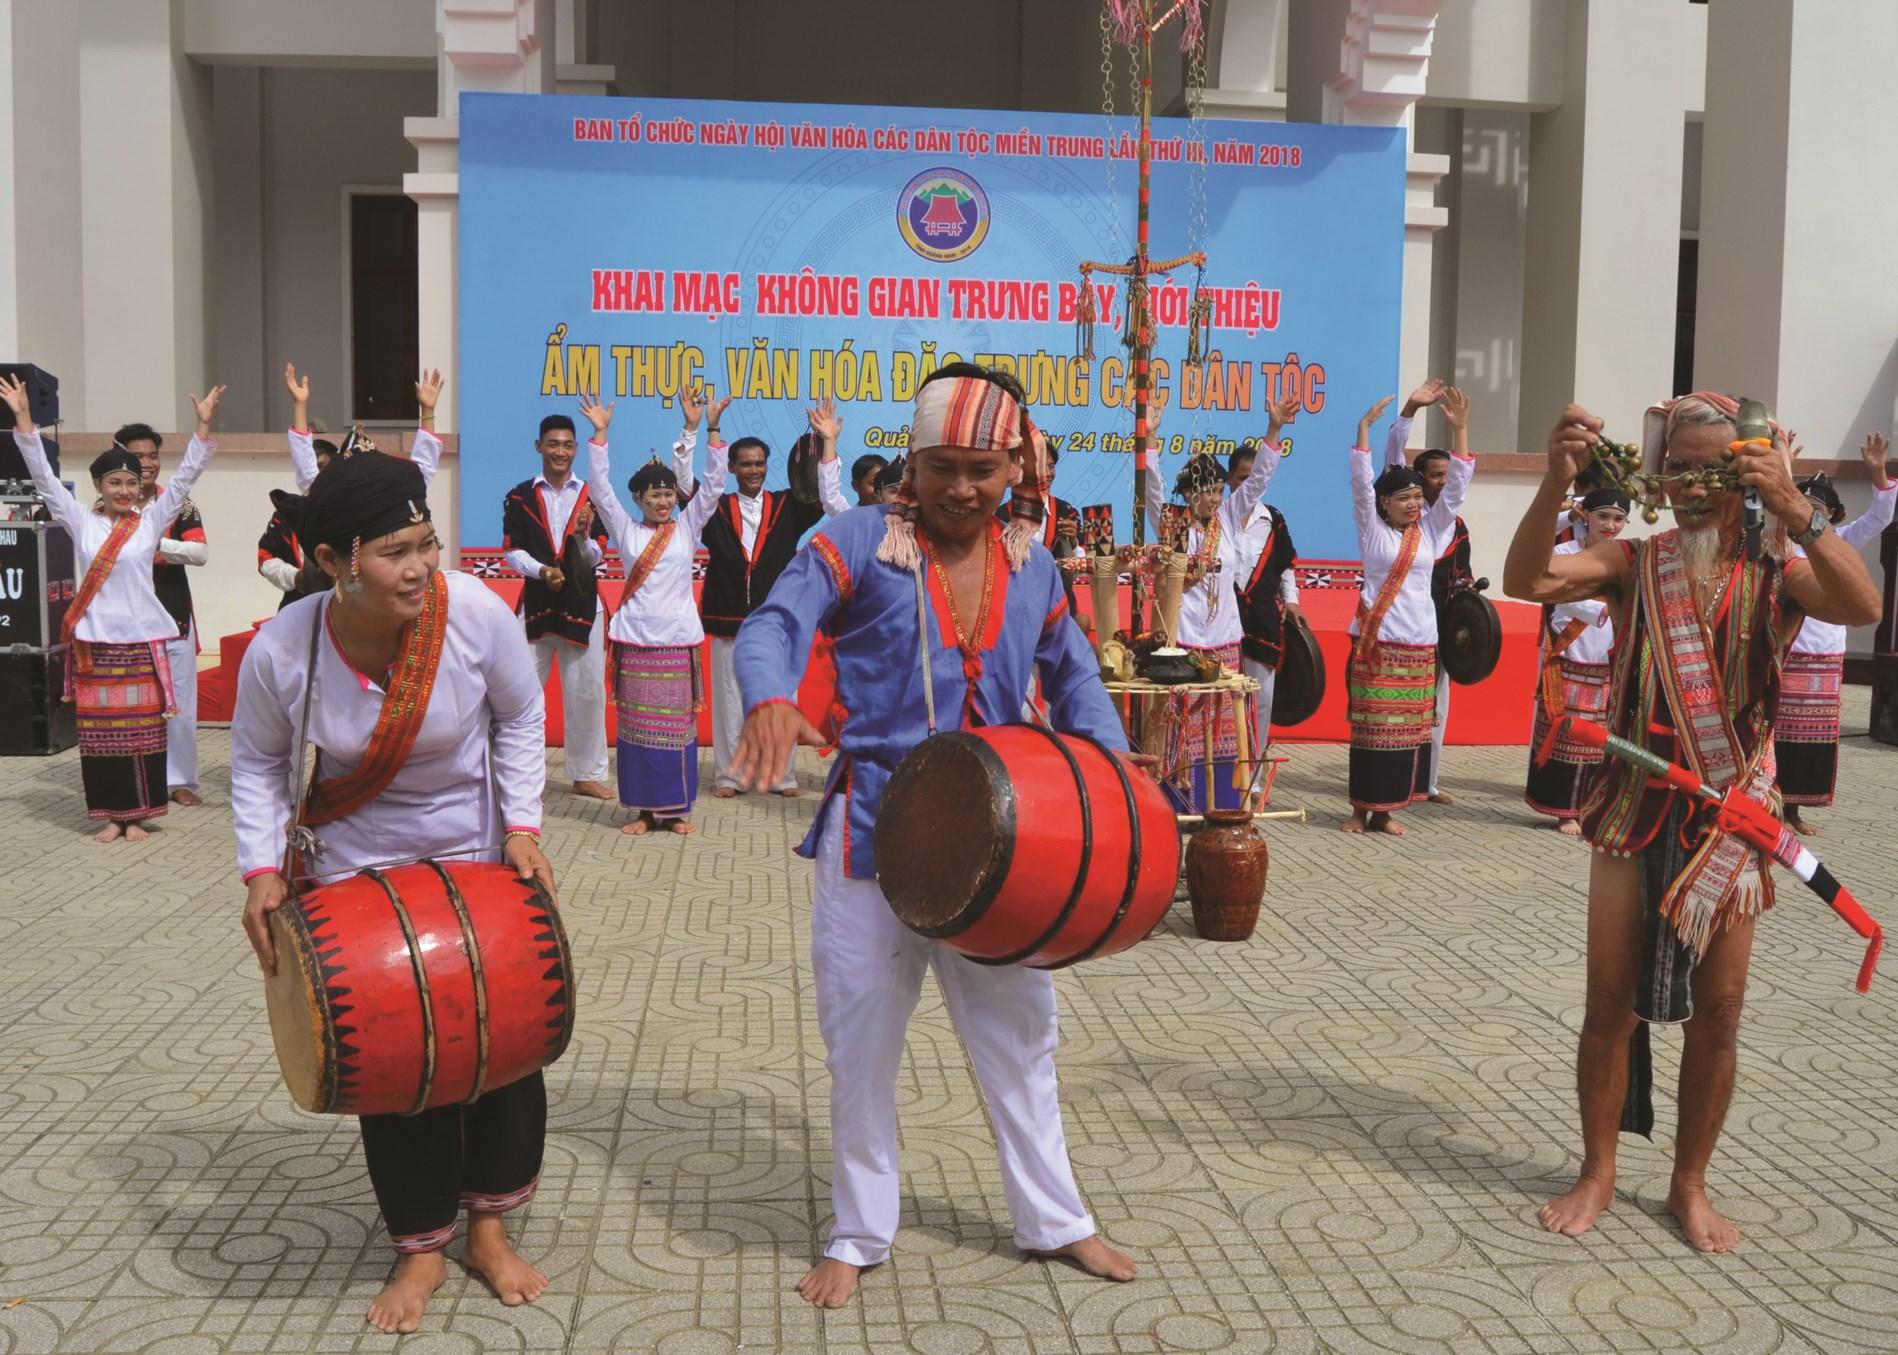 Các nghệ nhân Chăm H'roi Bình Định biểu diễn trống K'toang.